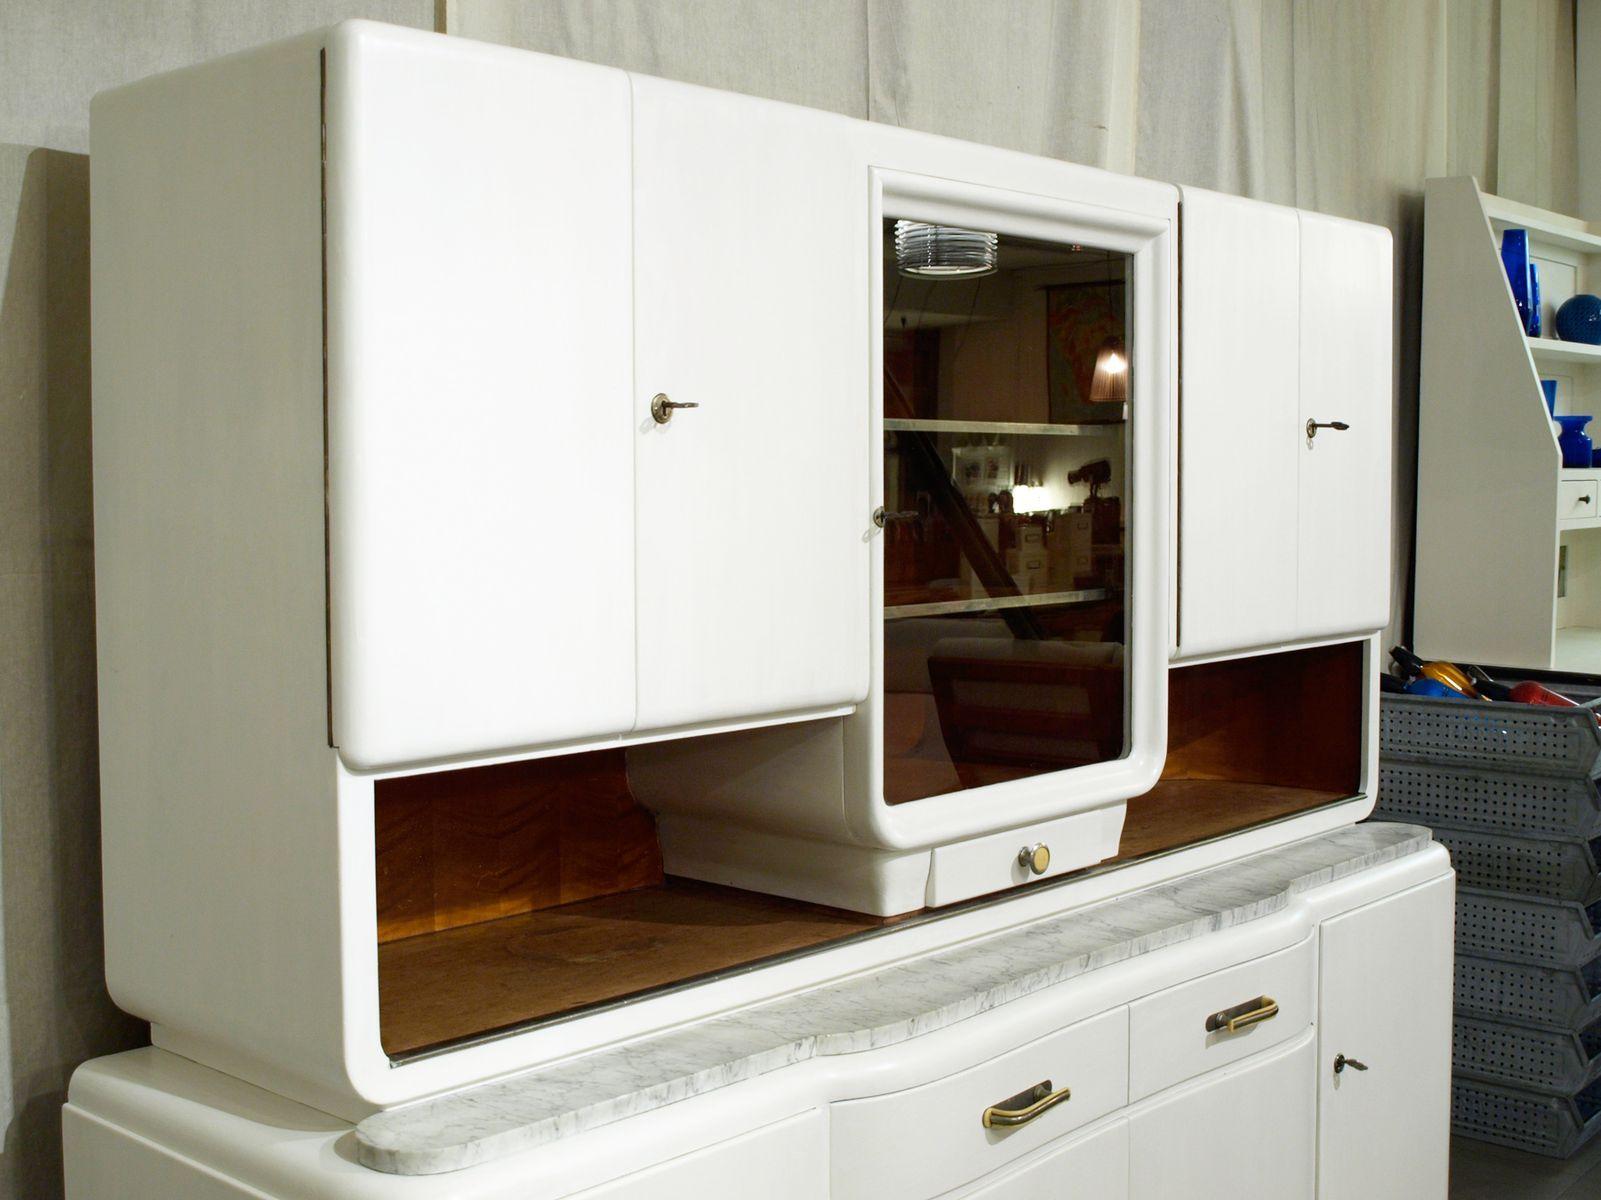 Vintage Kitchen Cabinet By Niestrath 1930s For Sale At Pamono Vintage Kitchen Cabinets 1930s Kitchen Vintage Kitchen